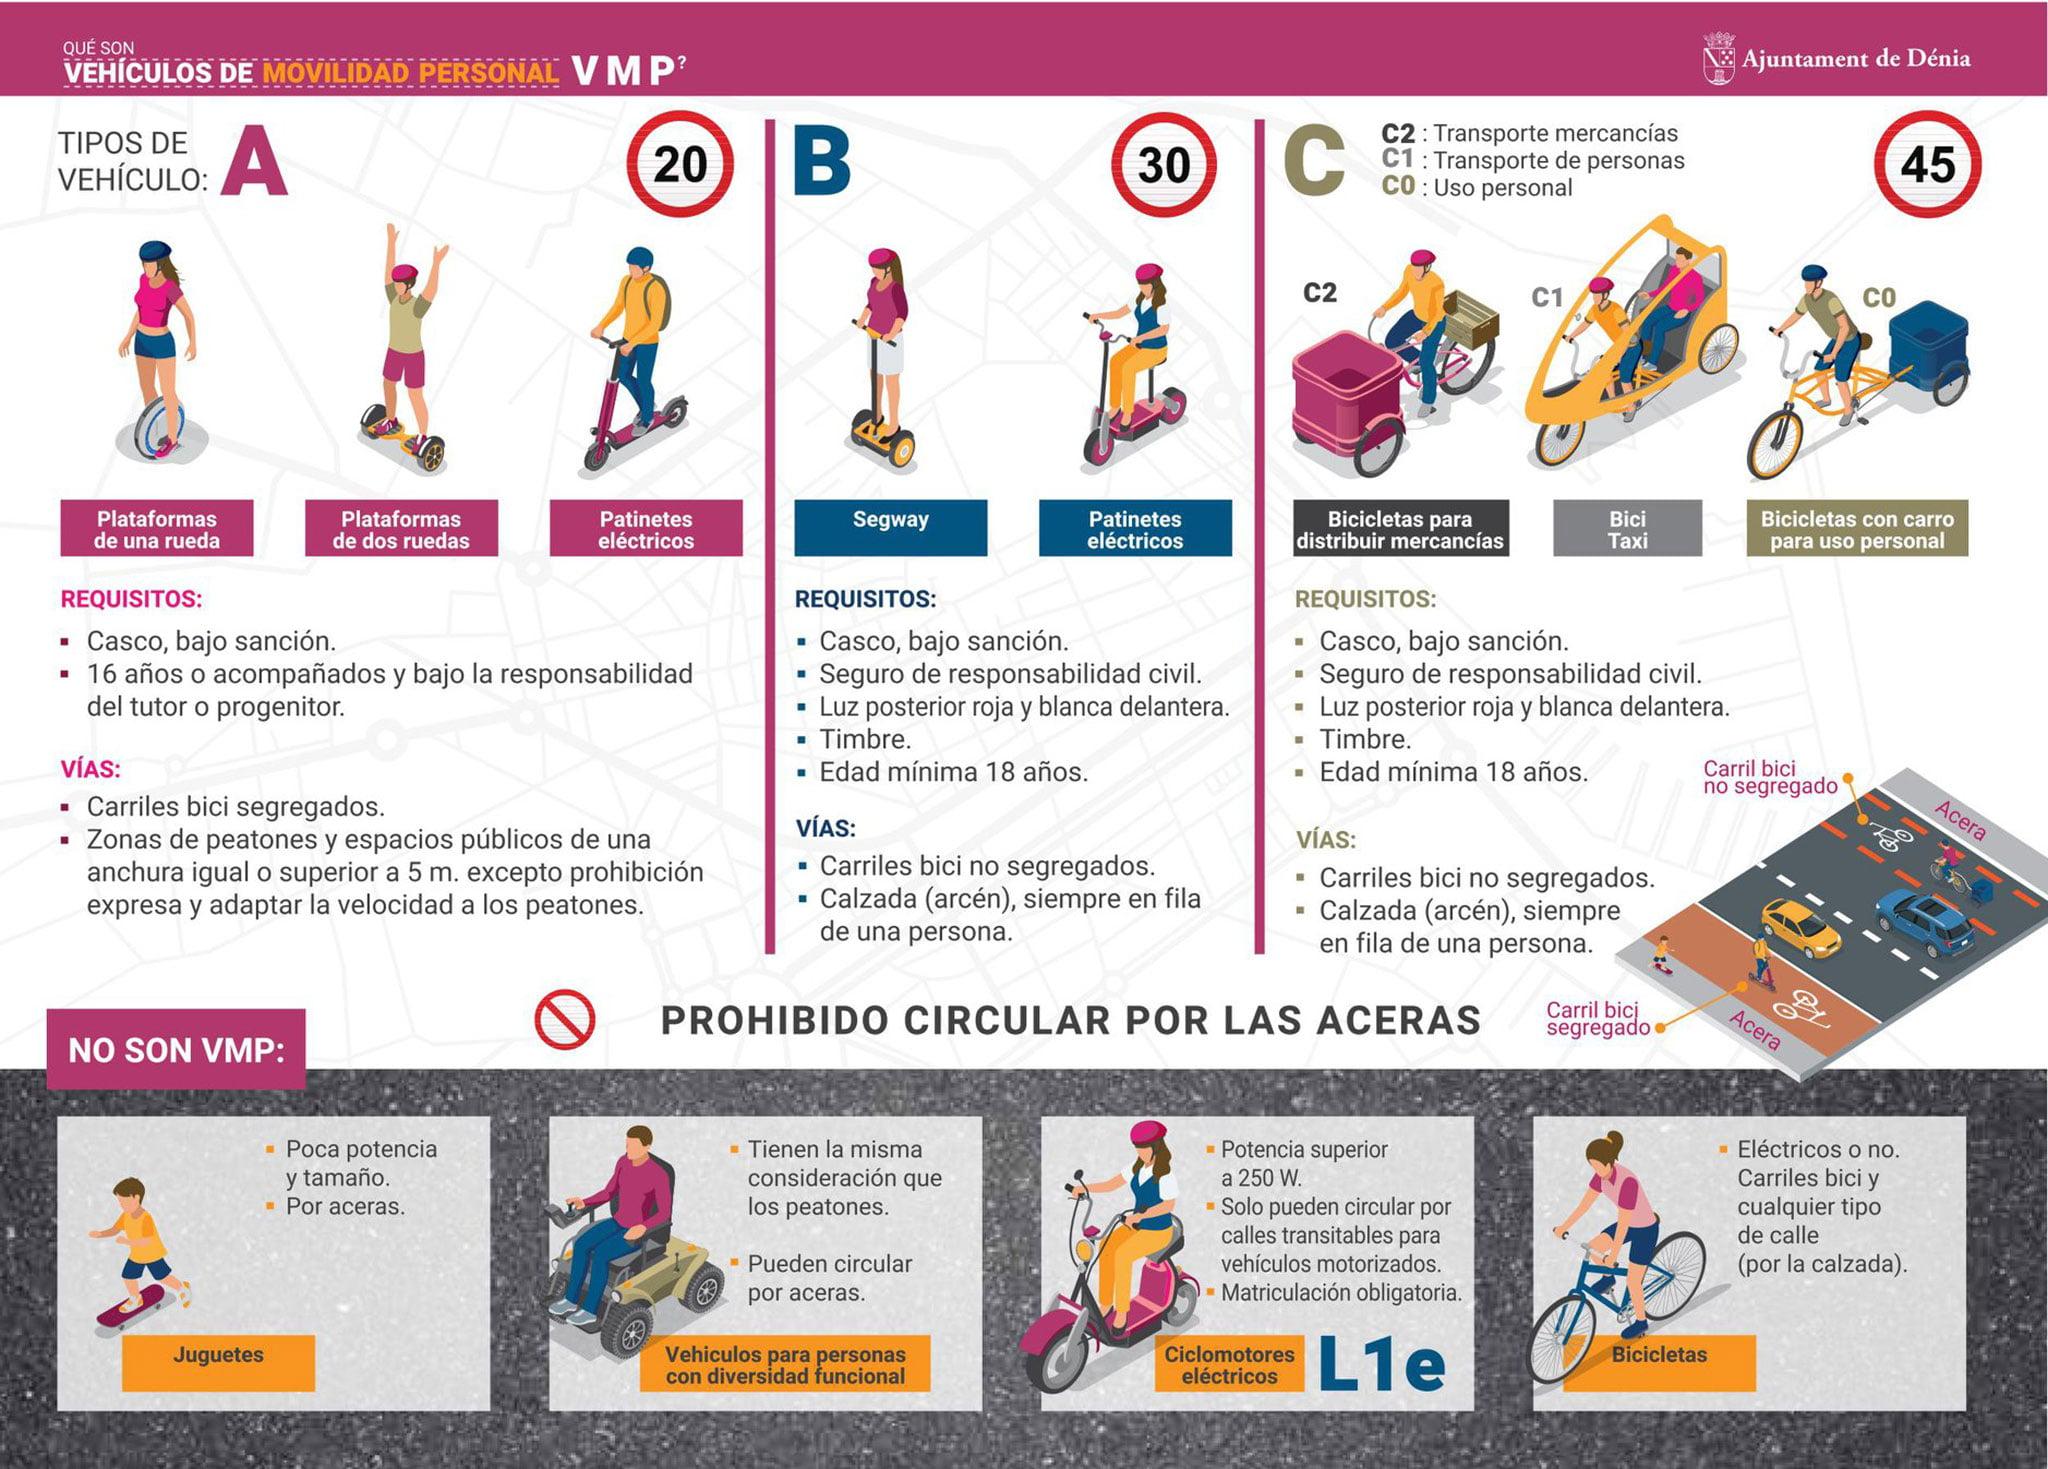 Normativa para la conducción de vehículos VMP en Dénia – Gestoría Puig Cañamás